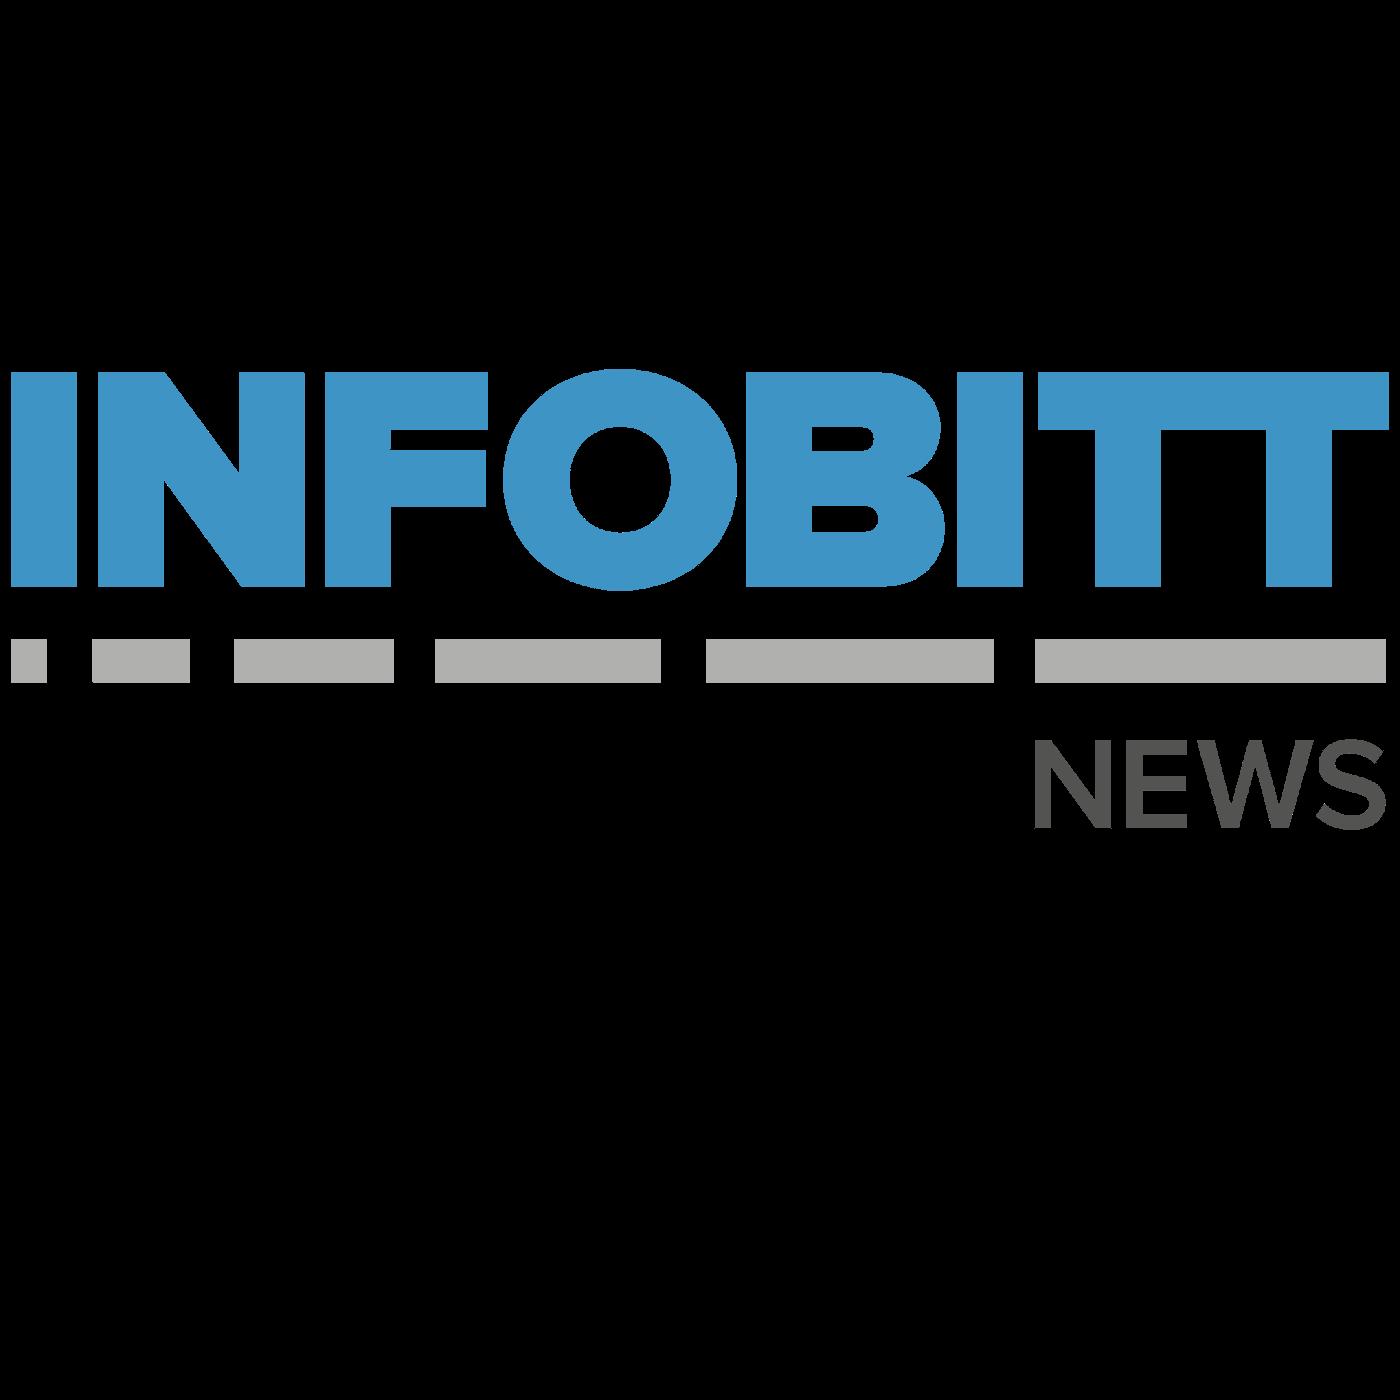 Infobitt